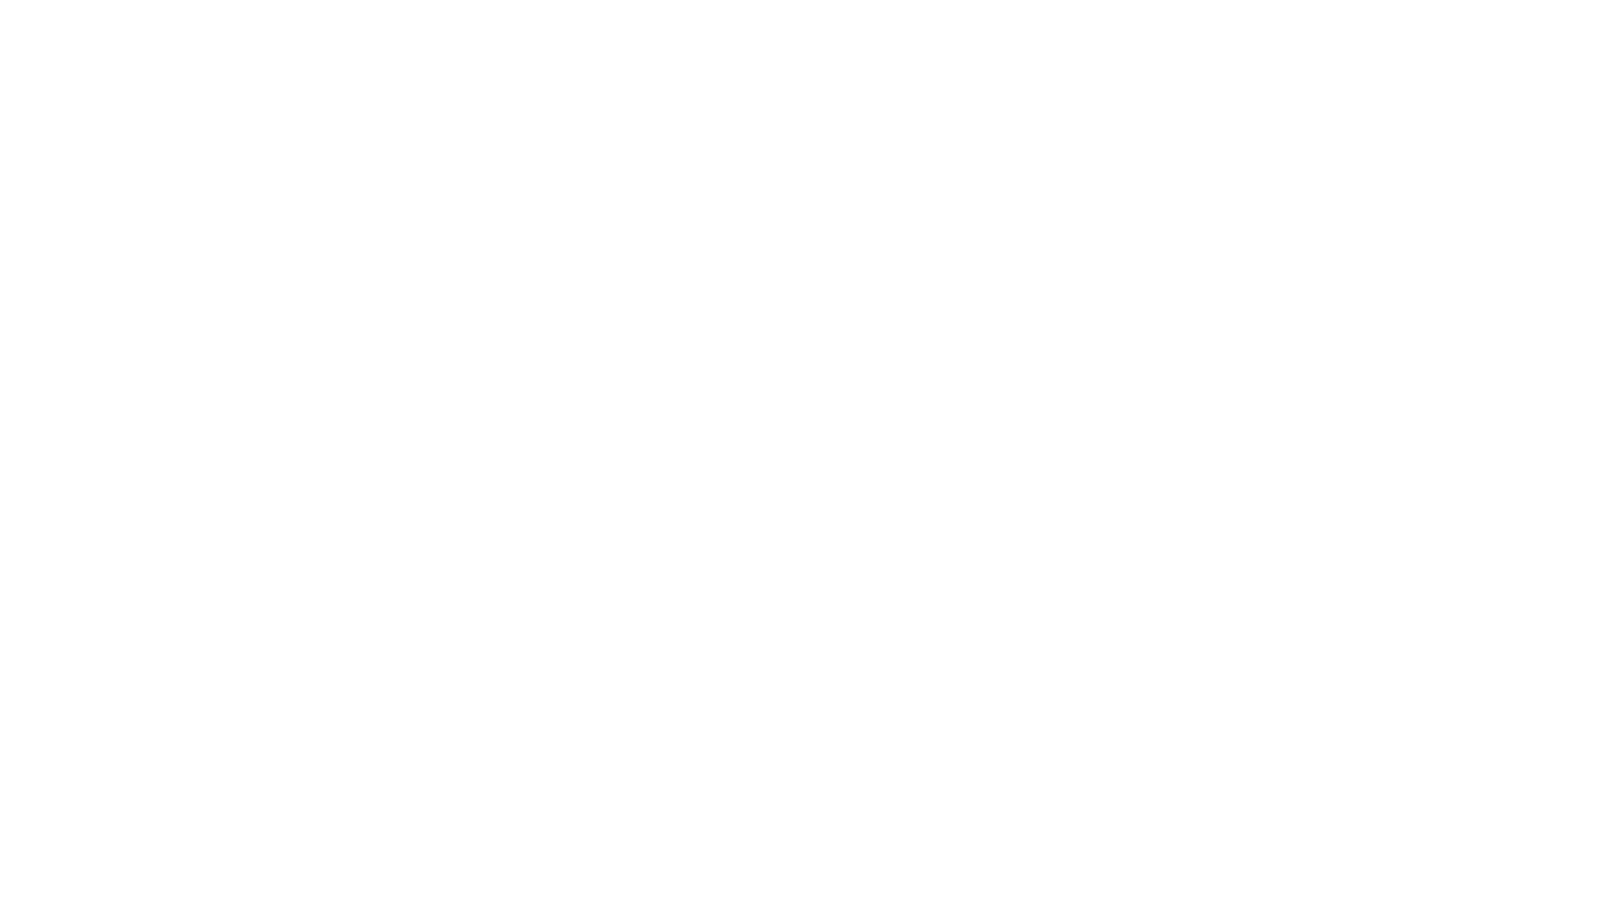 Distribuidores Autorizados y Exclusivos de las Editoriales Internacionales mas prestigiosas del mercado en la comercialización de Materiales Psicologicos, Terapeuticos y Recursos Online de última generación.